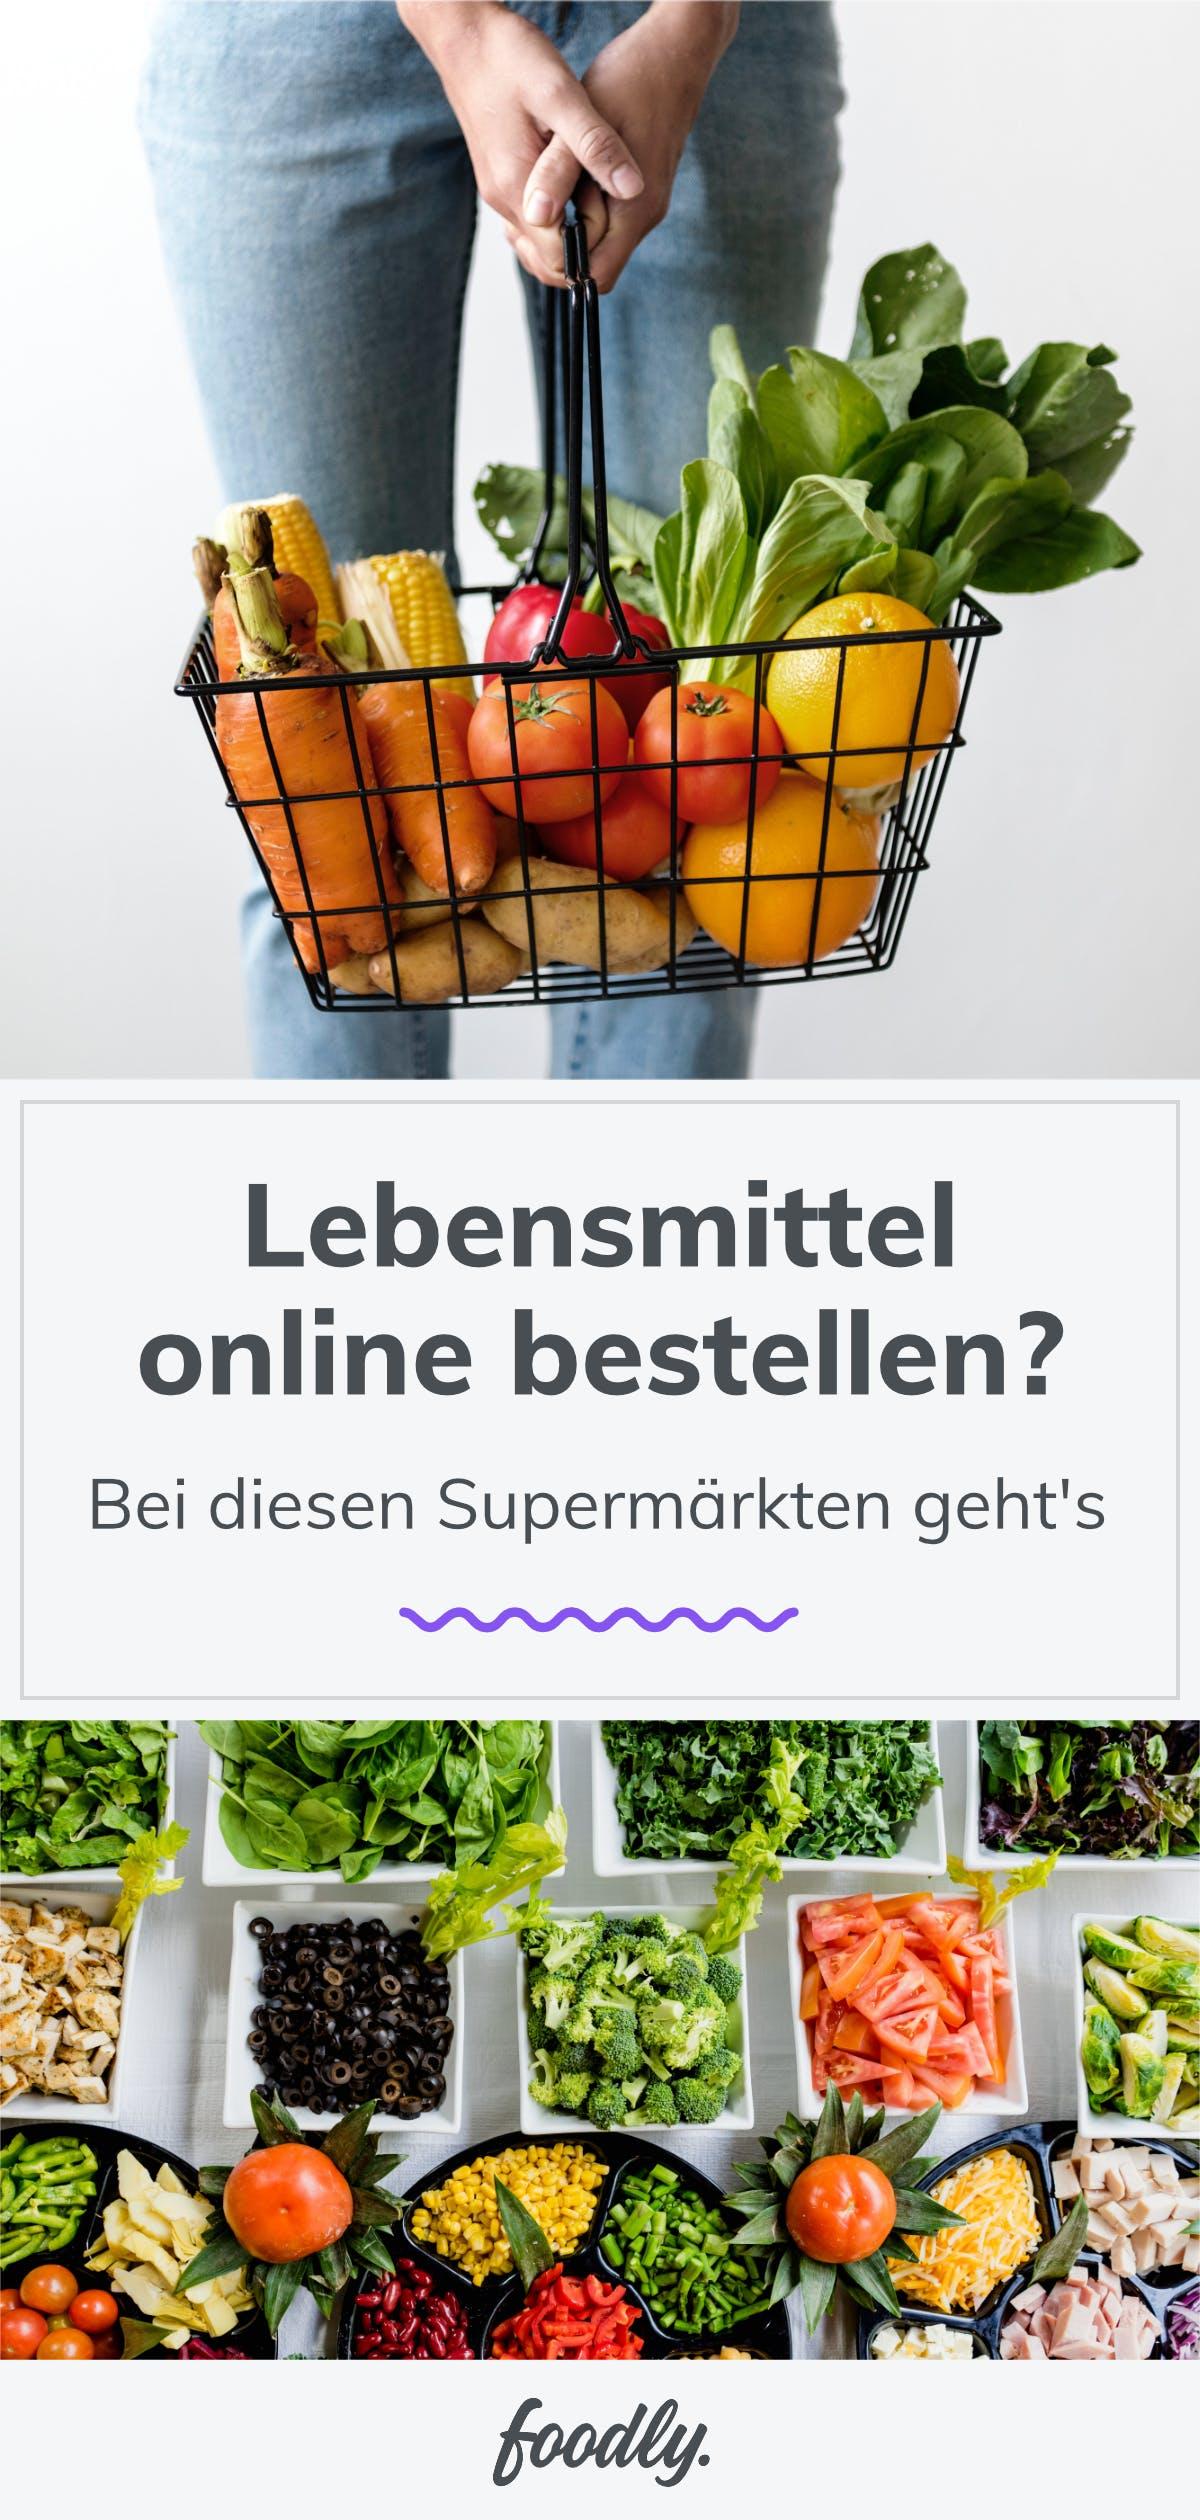 Die besten Online Supermärkte 8 im Vergleich – Foodly